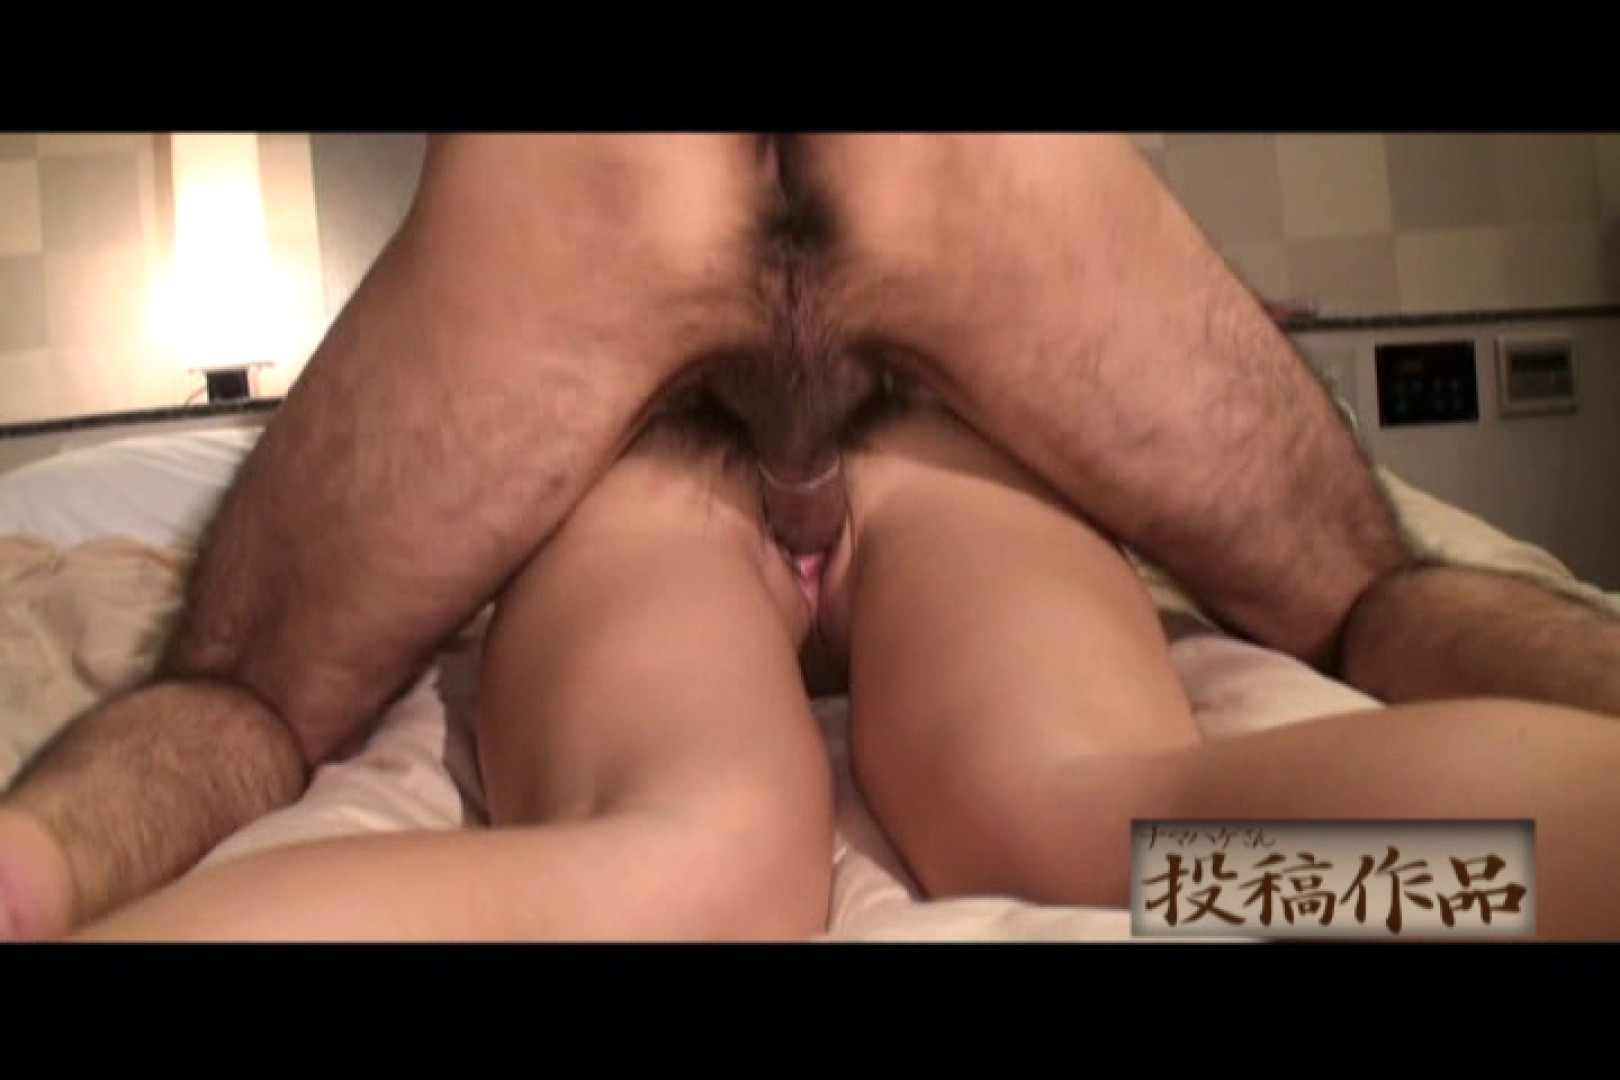 アダルトエロ動画 ナマハゲさんのまんこコレクションmayumi02 大奥